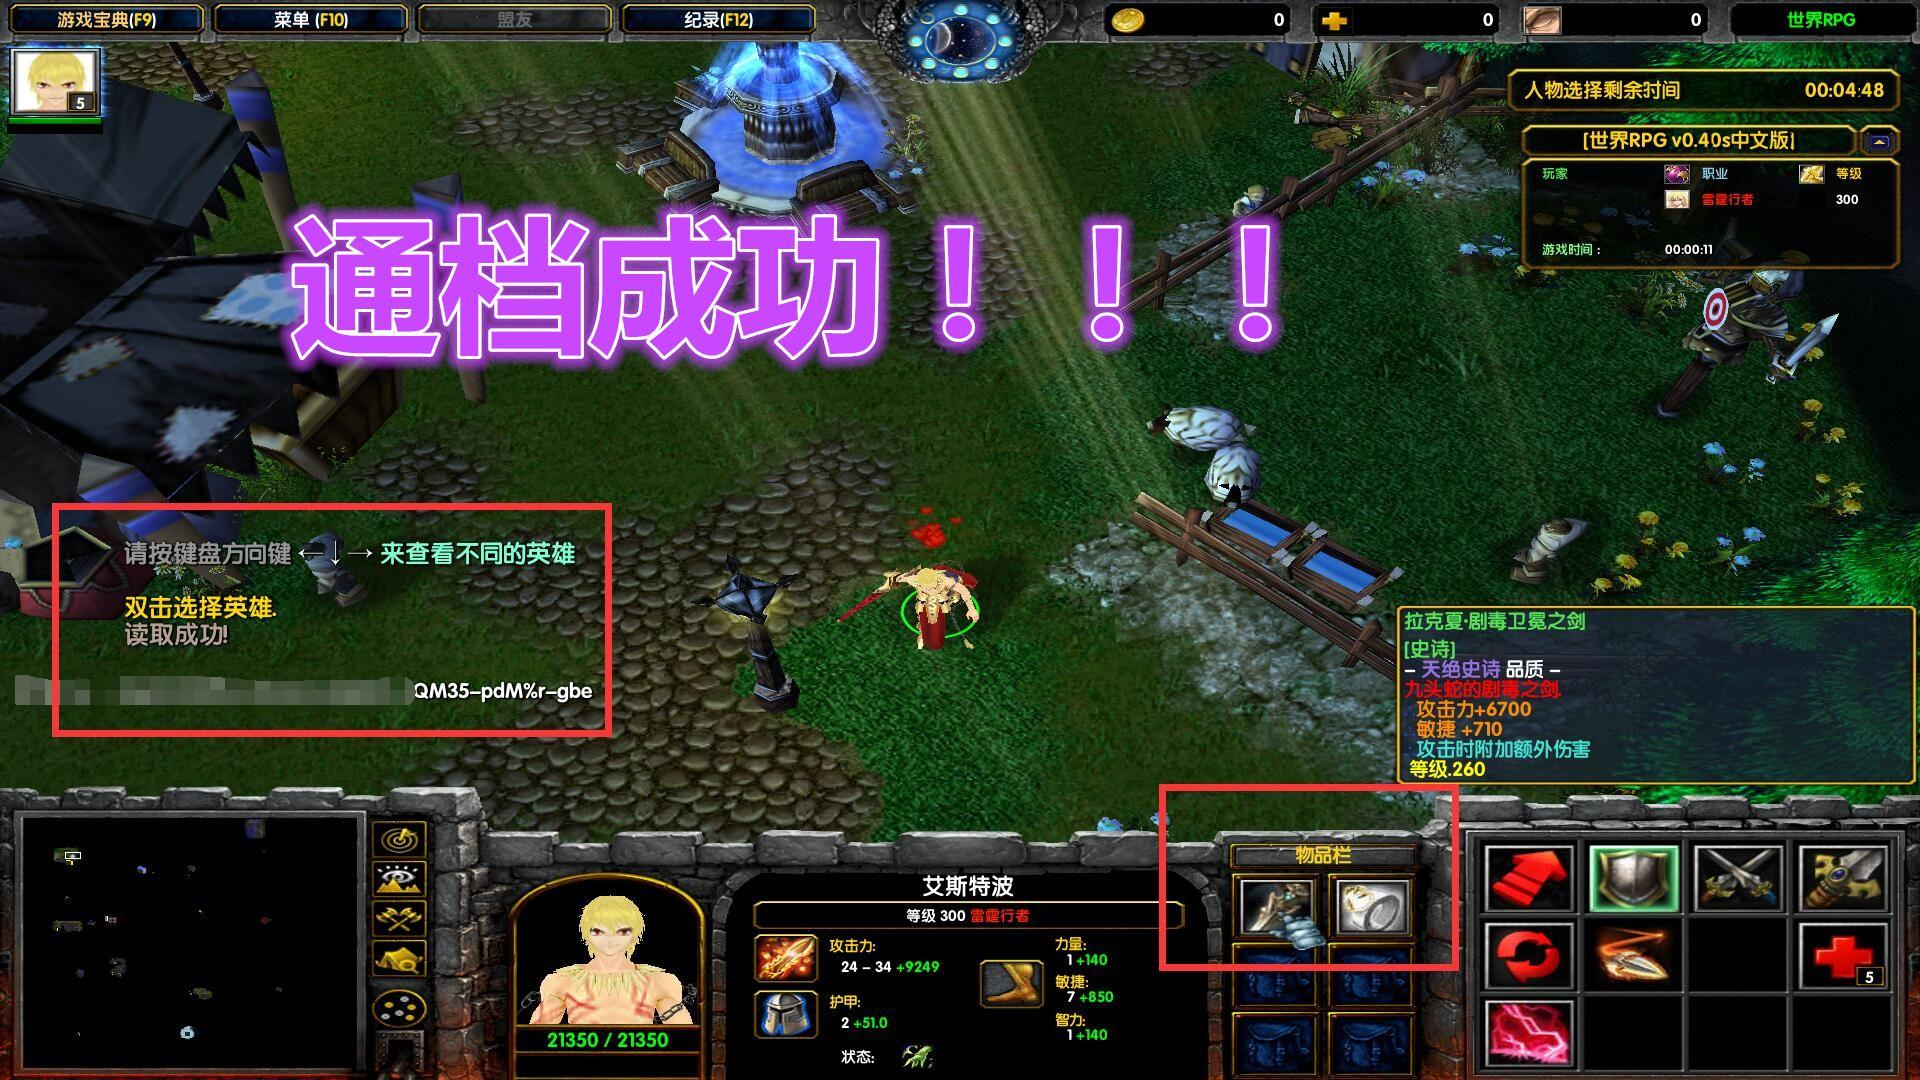 世界RPGv0.40s中文版TOP破解 可通档+无疲劳值+高爆几率+刷粉尘\结晶+刷物品+BOSS徽章